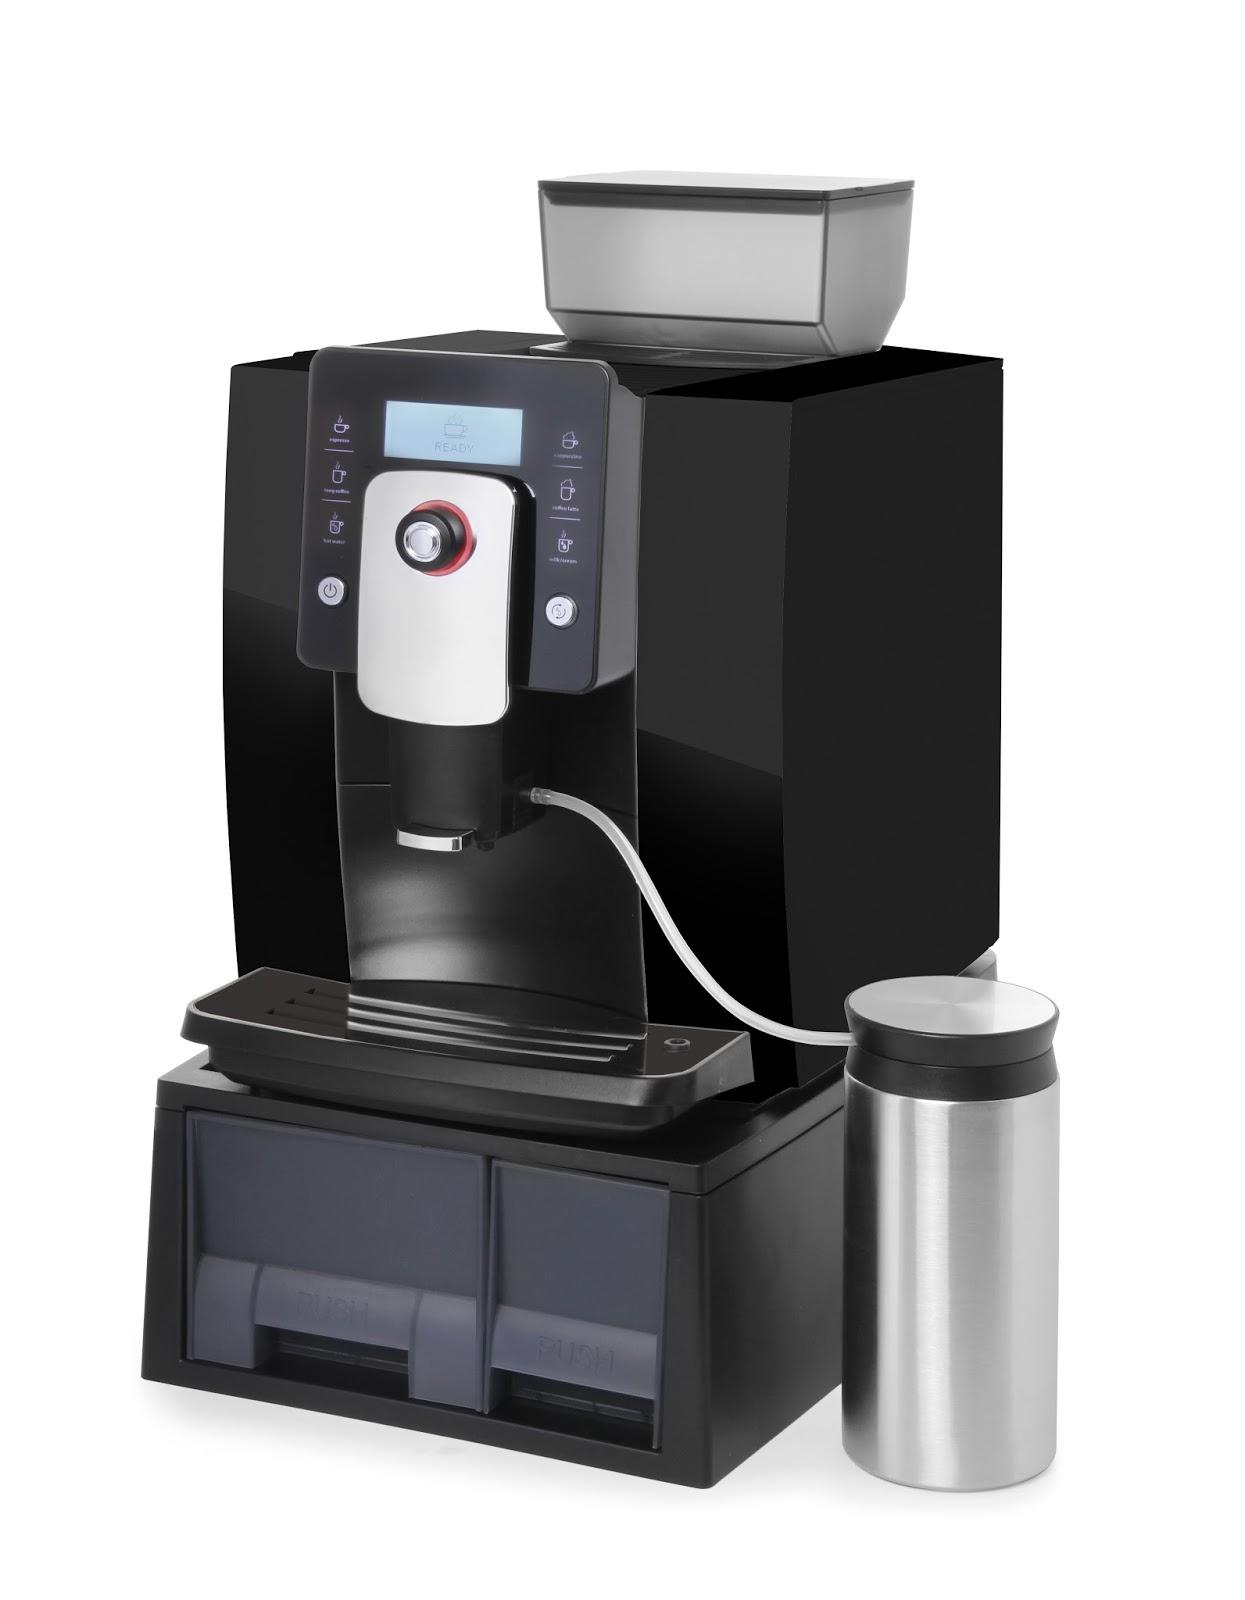 aparat cafea, aparat cafea automat, espressor, aparat cafea profesional, aparat cafea automat profesional